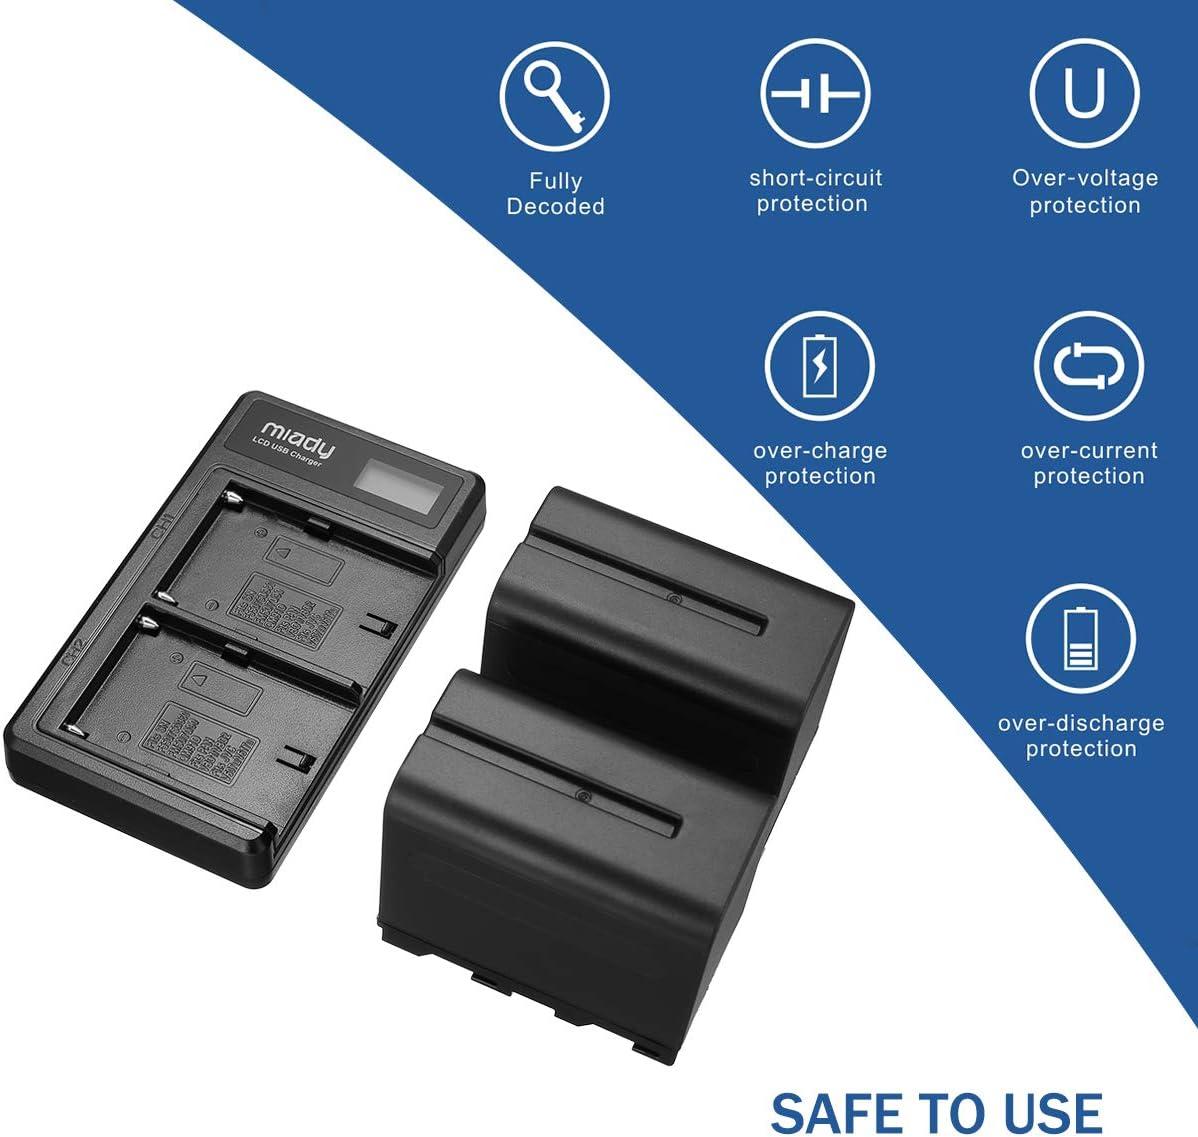 FDR-AX1 HDR-FX1 HDR-FX7 Juego de 2 bater/ías y Cargador de bater/ía LCD Dual Compatible con Sony DCR-VX2100 DSR-PD170 DSR-PD150 NP-F960 NP-F930 NP-F950 HDR-AX2000 Miady NP-F970